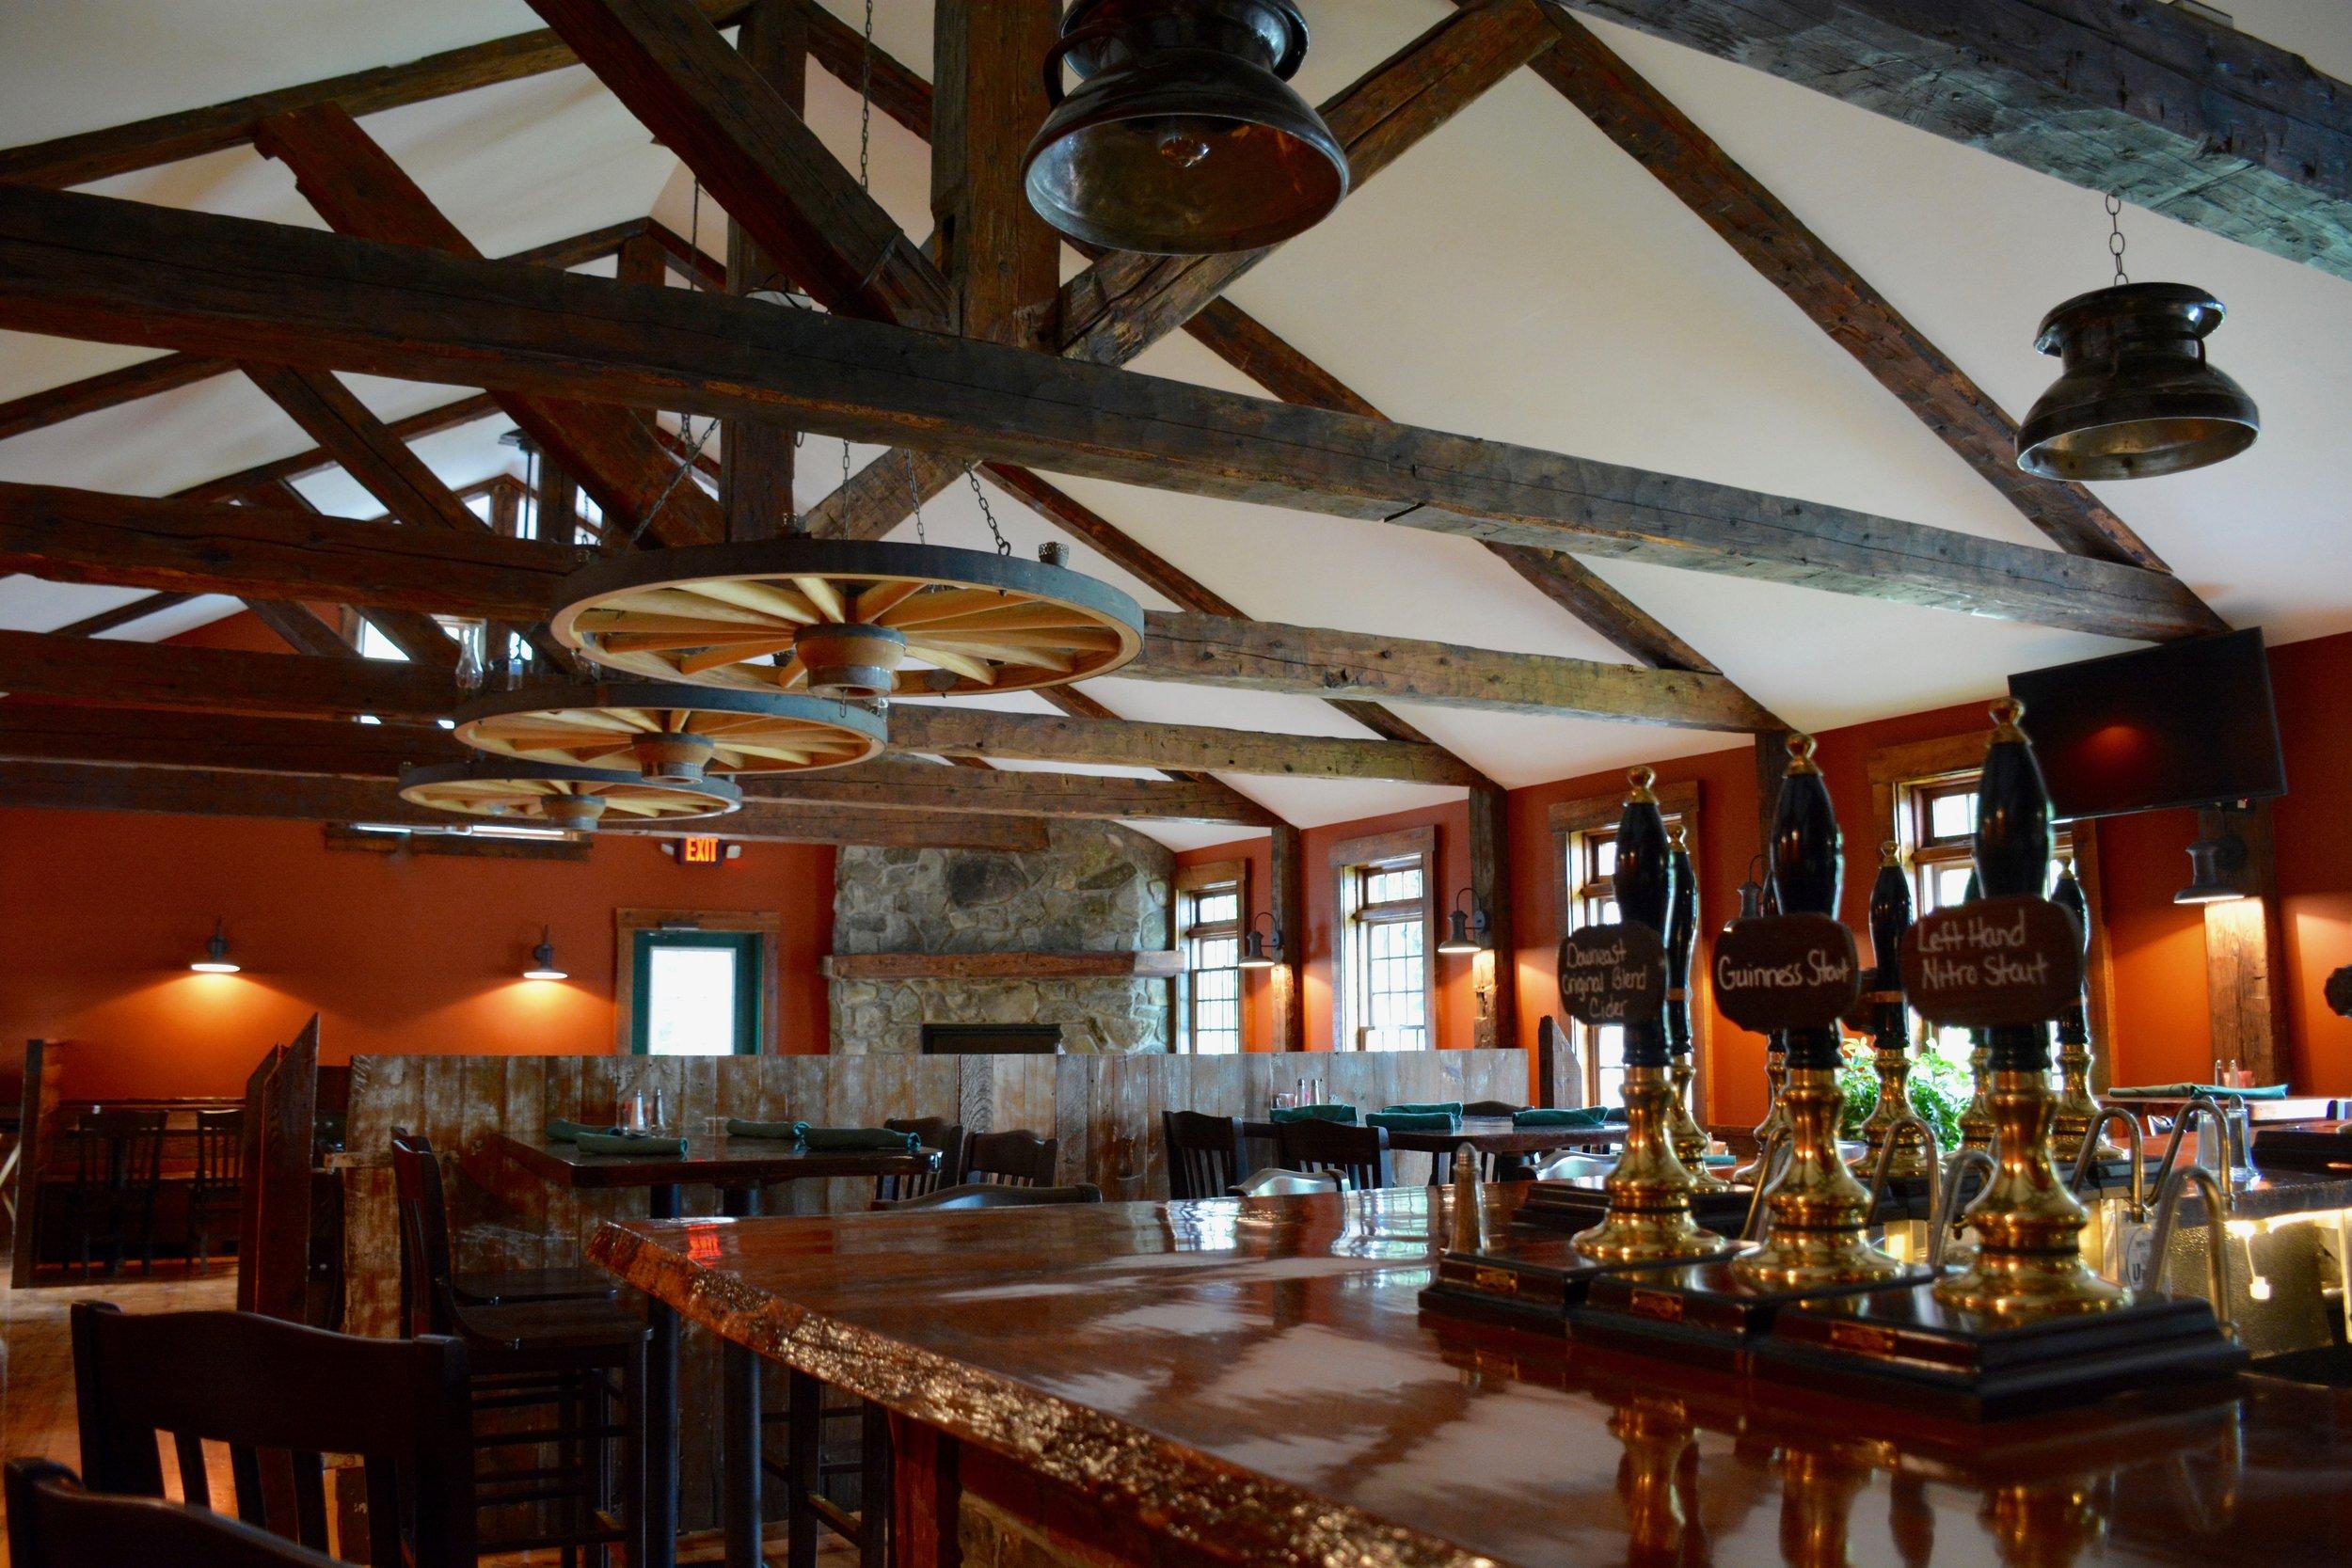 Latham House Tavern